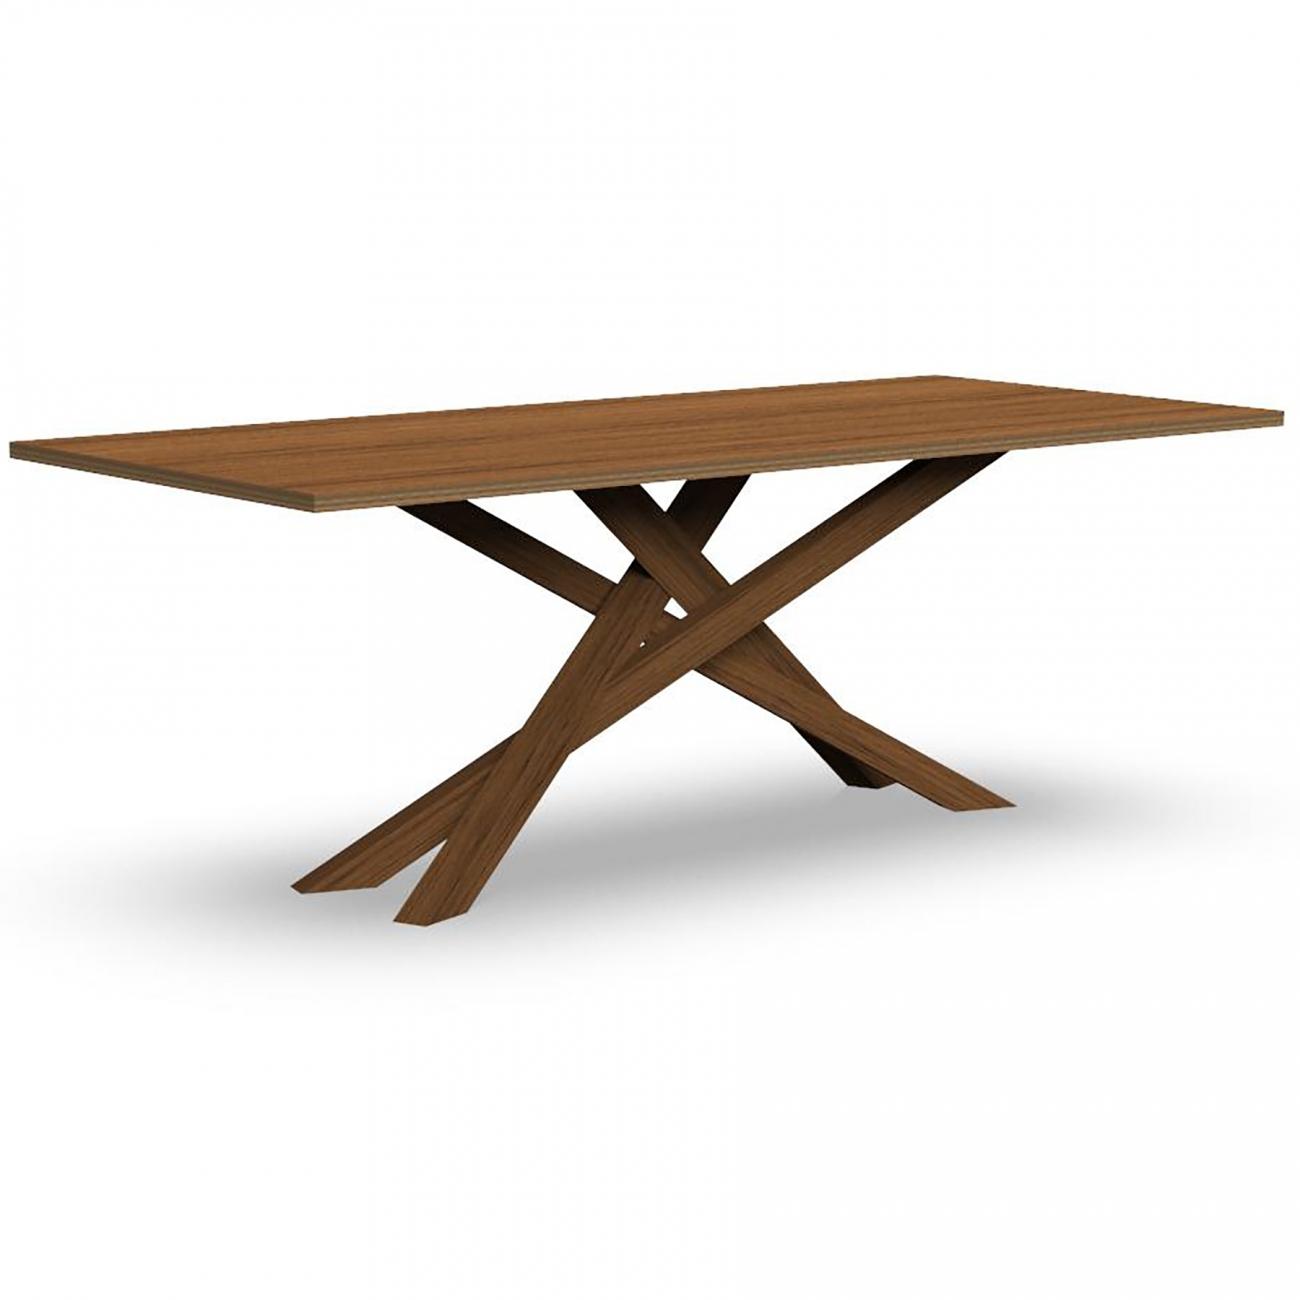 Talenti Bridge table